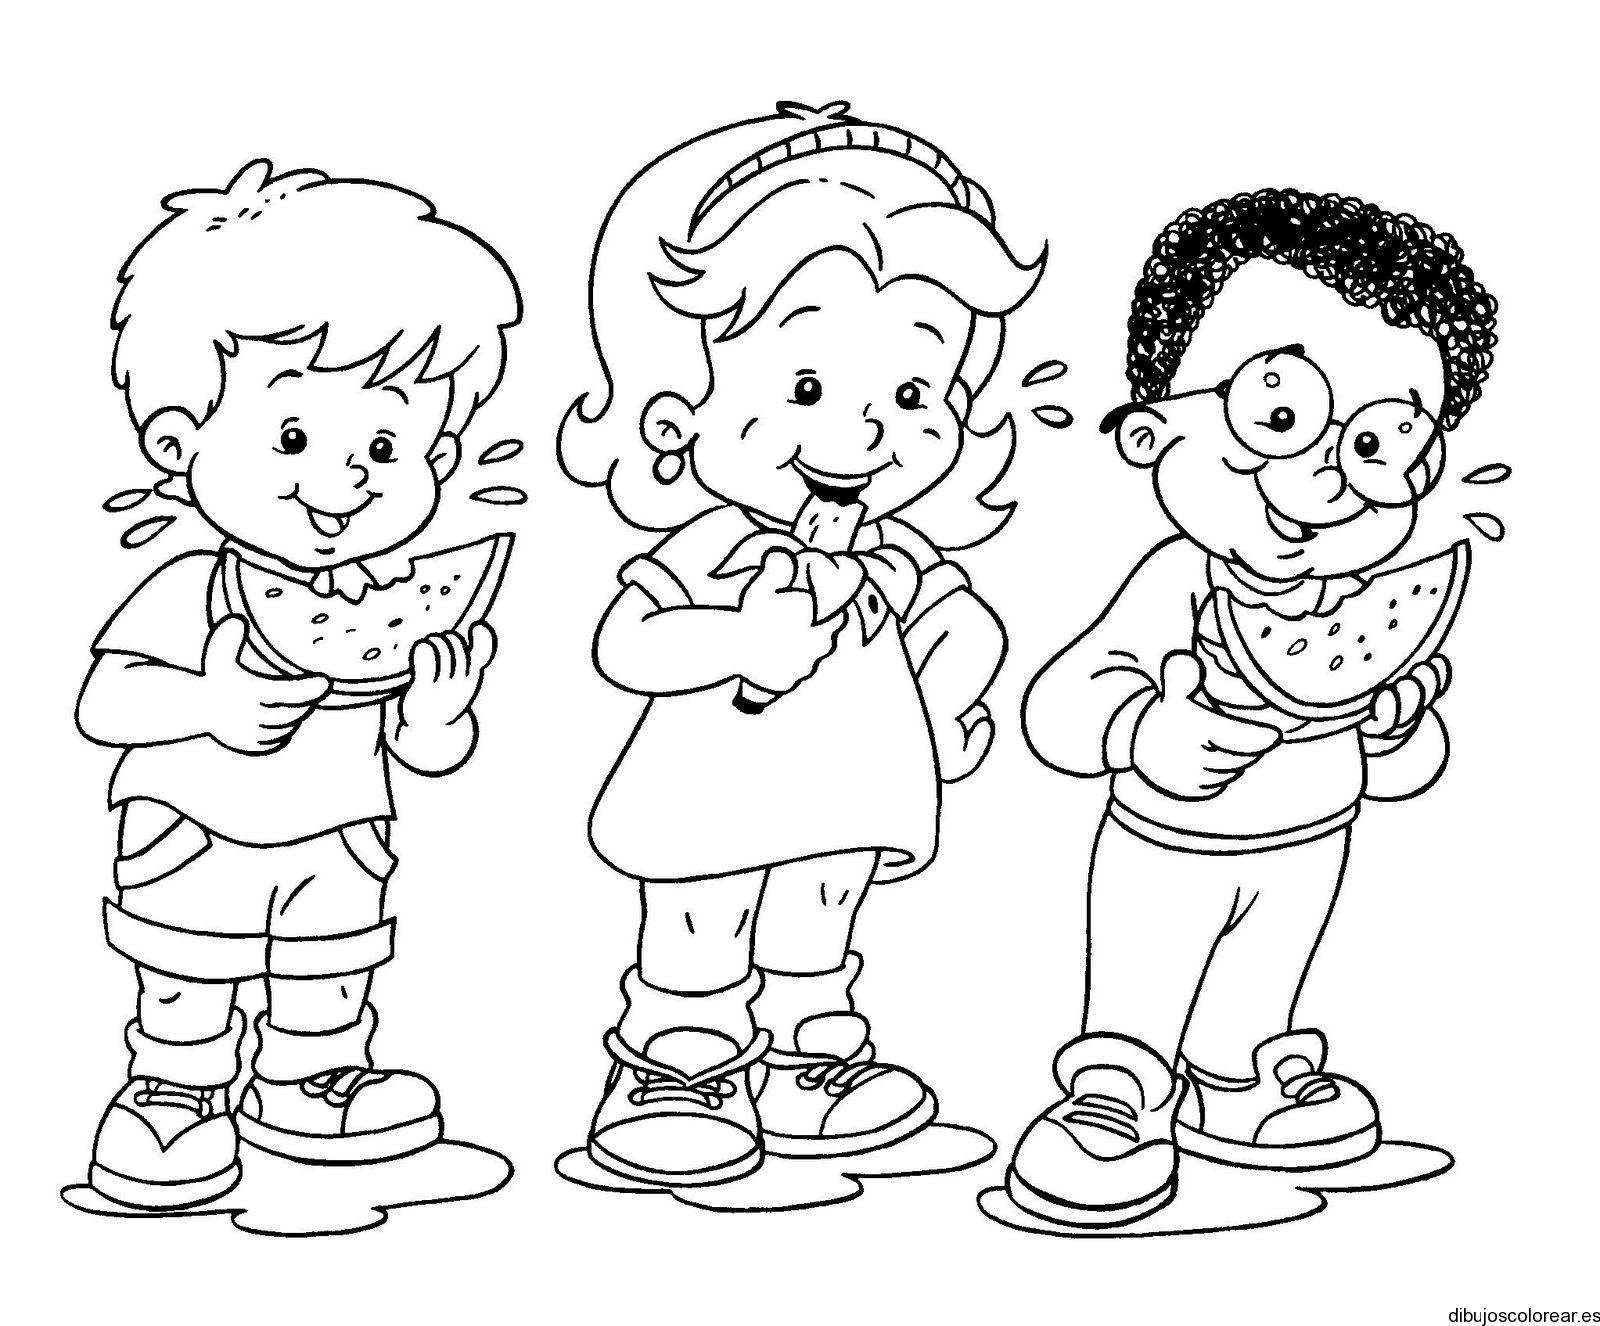 Resultado de imagen para dibujos de niños comiendo | PREJARDIN 2 ...